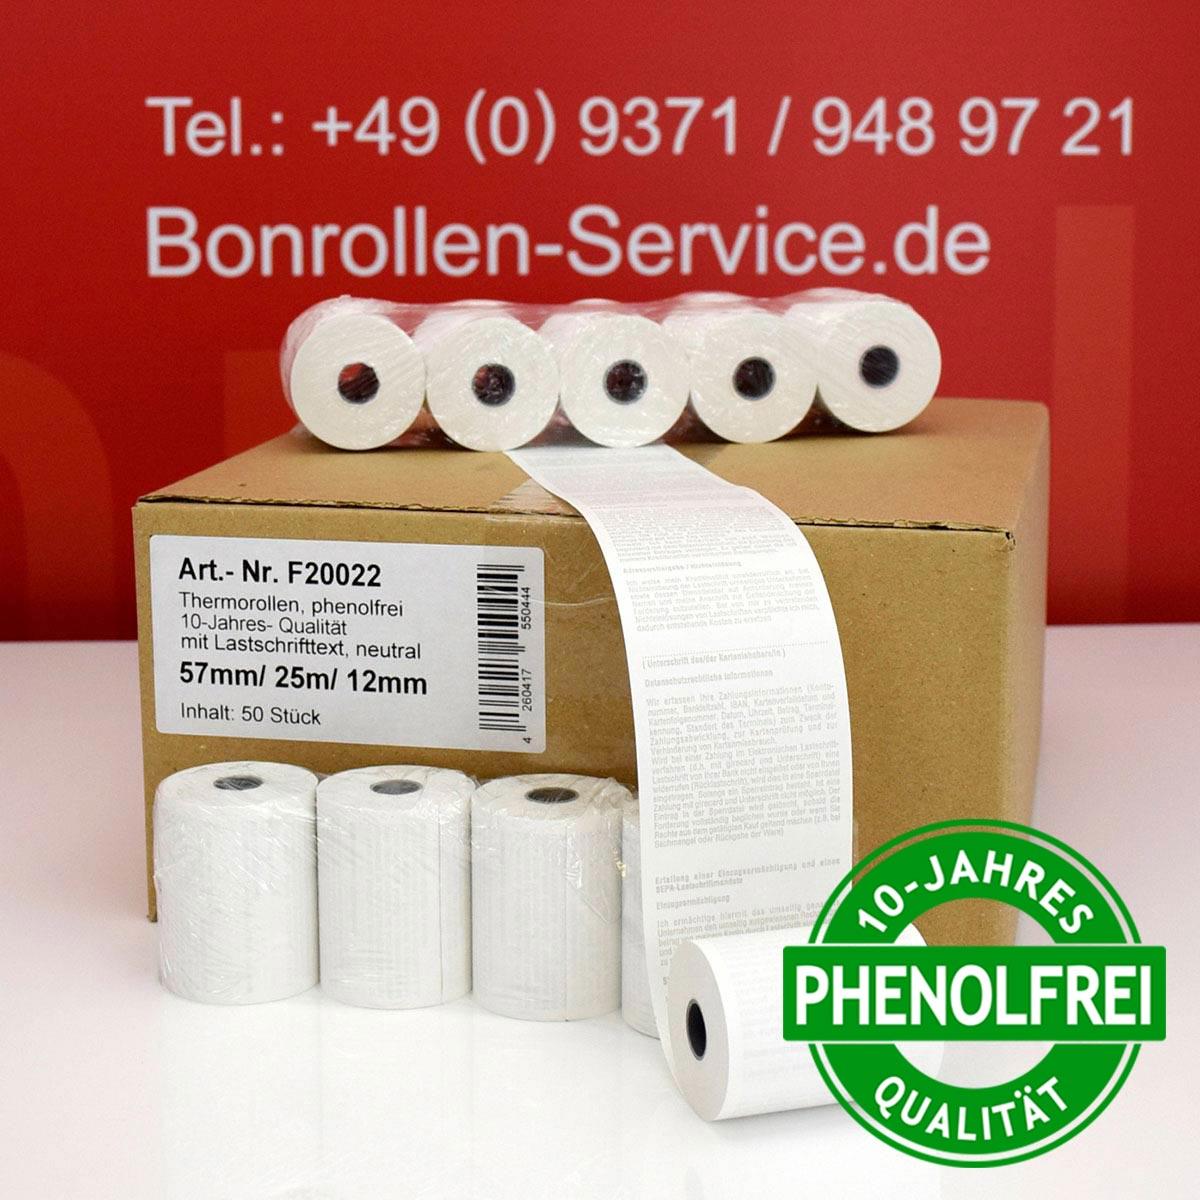 EC-Thermorollen 57 / 25m / 12 weiß mit SEPA-Text (10-Jahres-Qualität, phenolfrei)